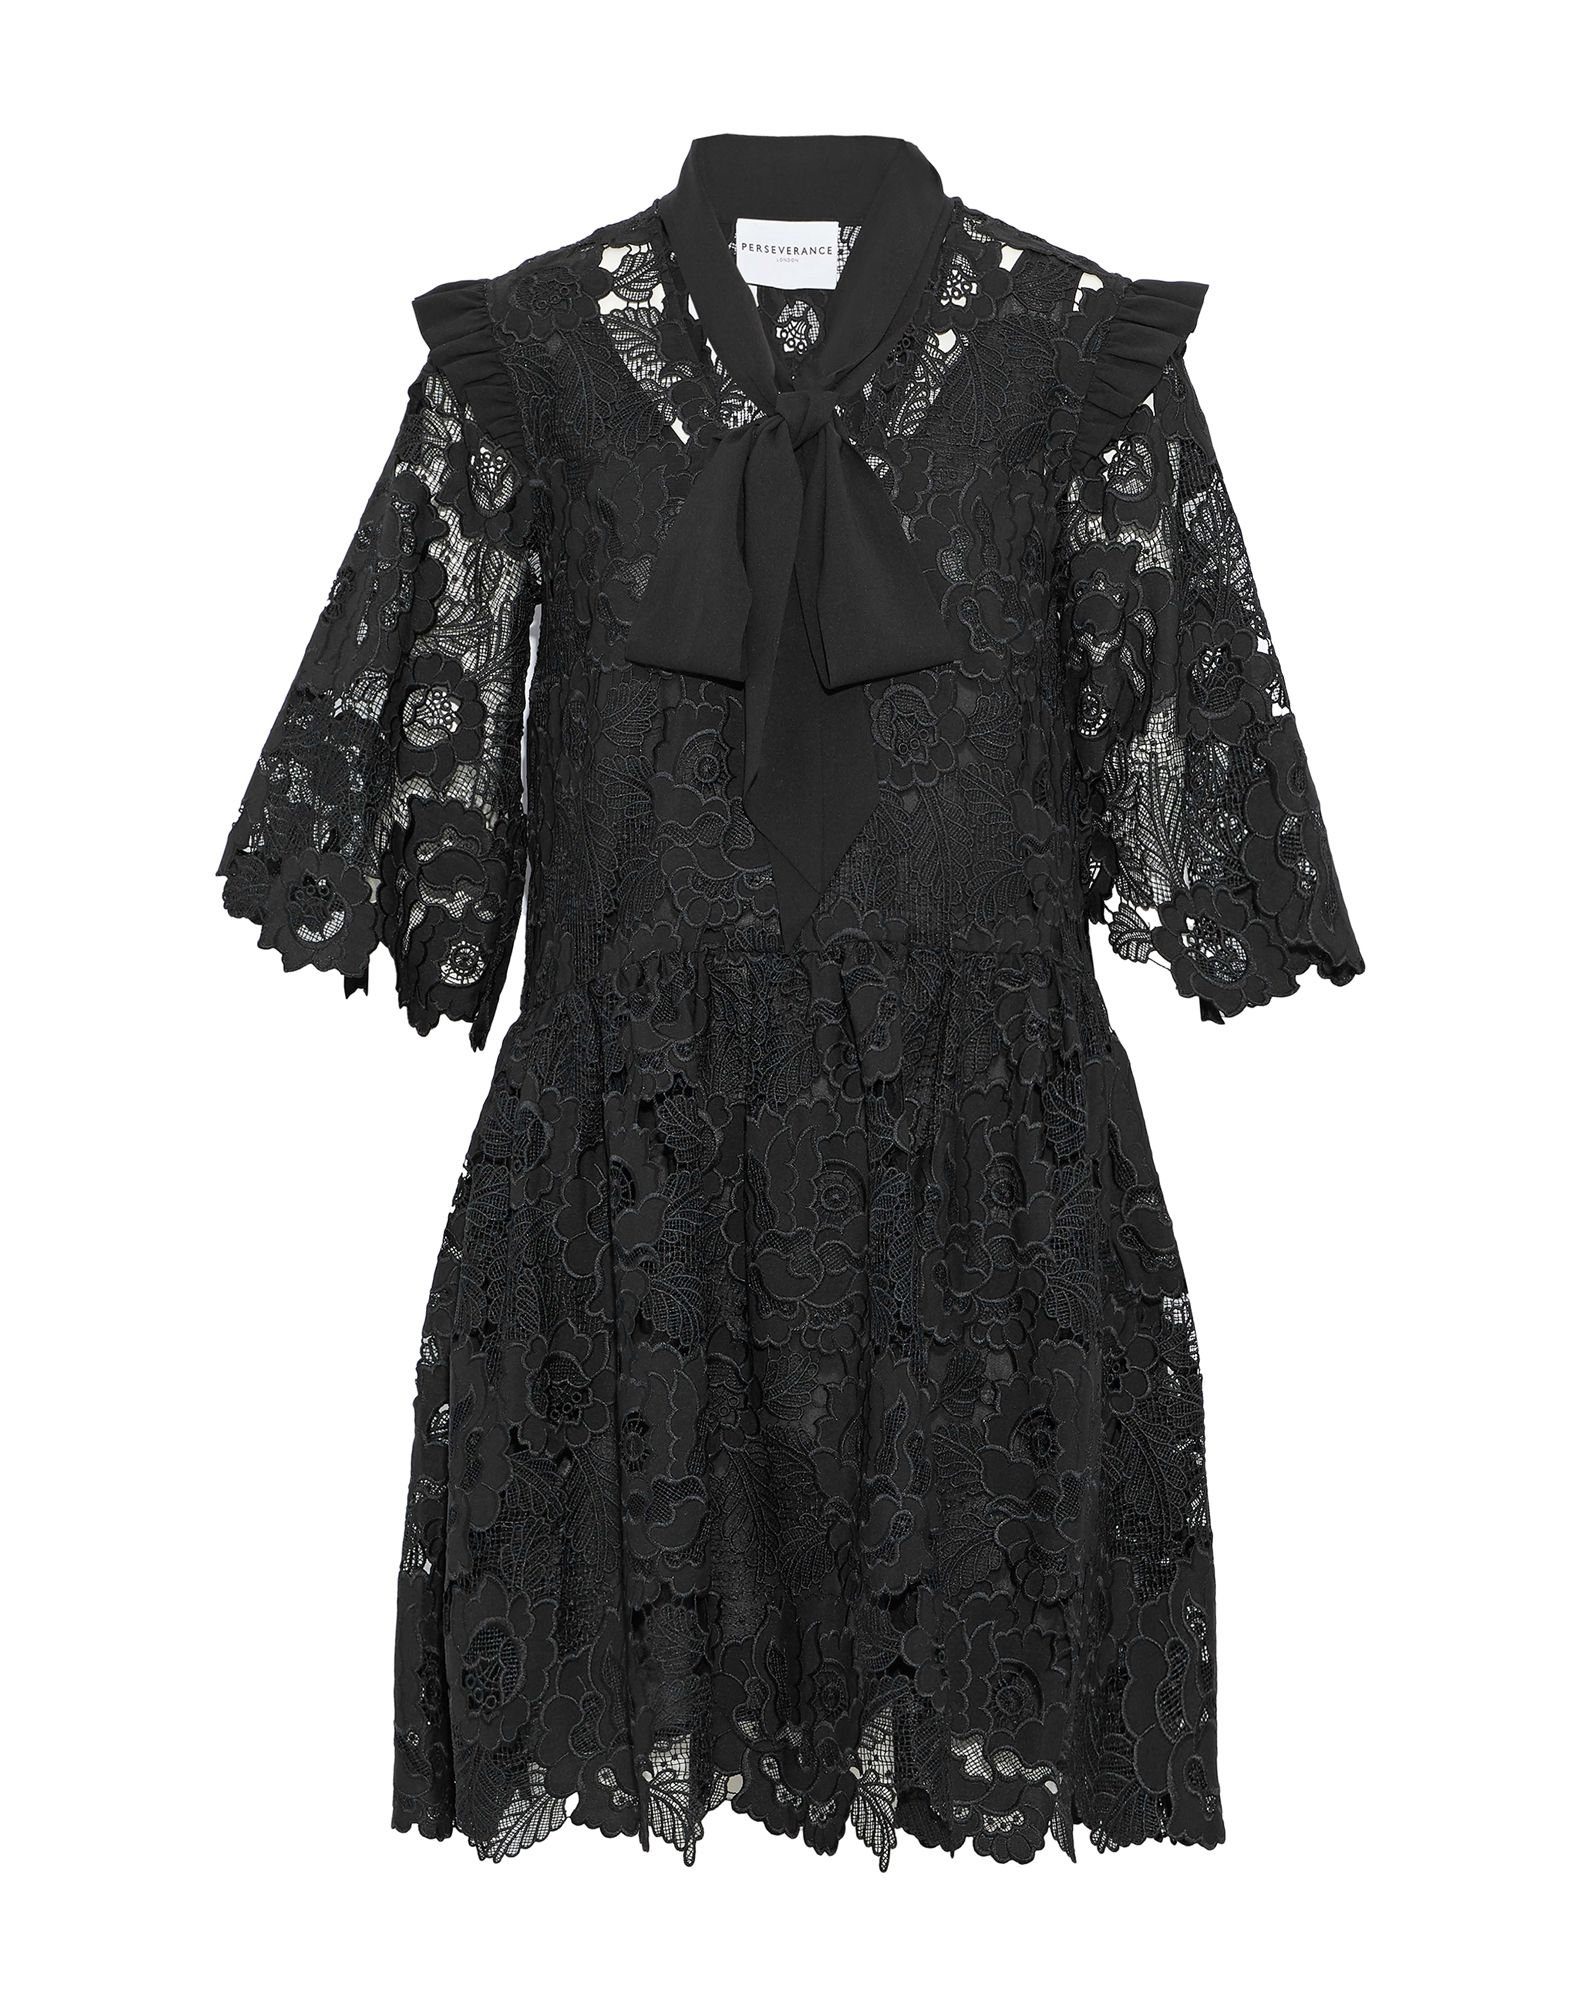 《送料無料》PERSEVERANCE レディース ミニワンピース&ドレス ブラック 6 ポリエステル 100%